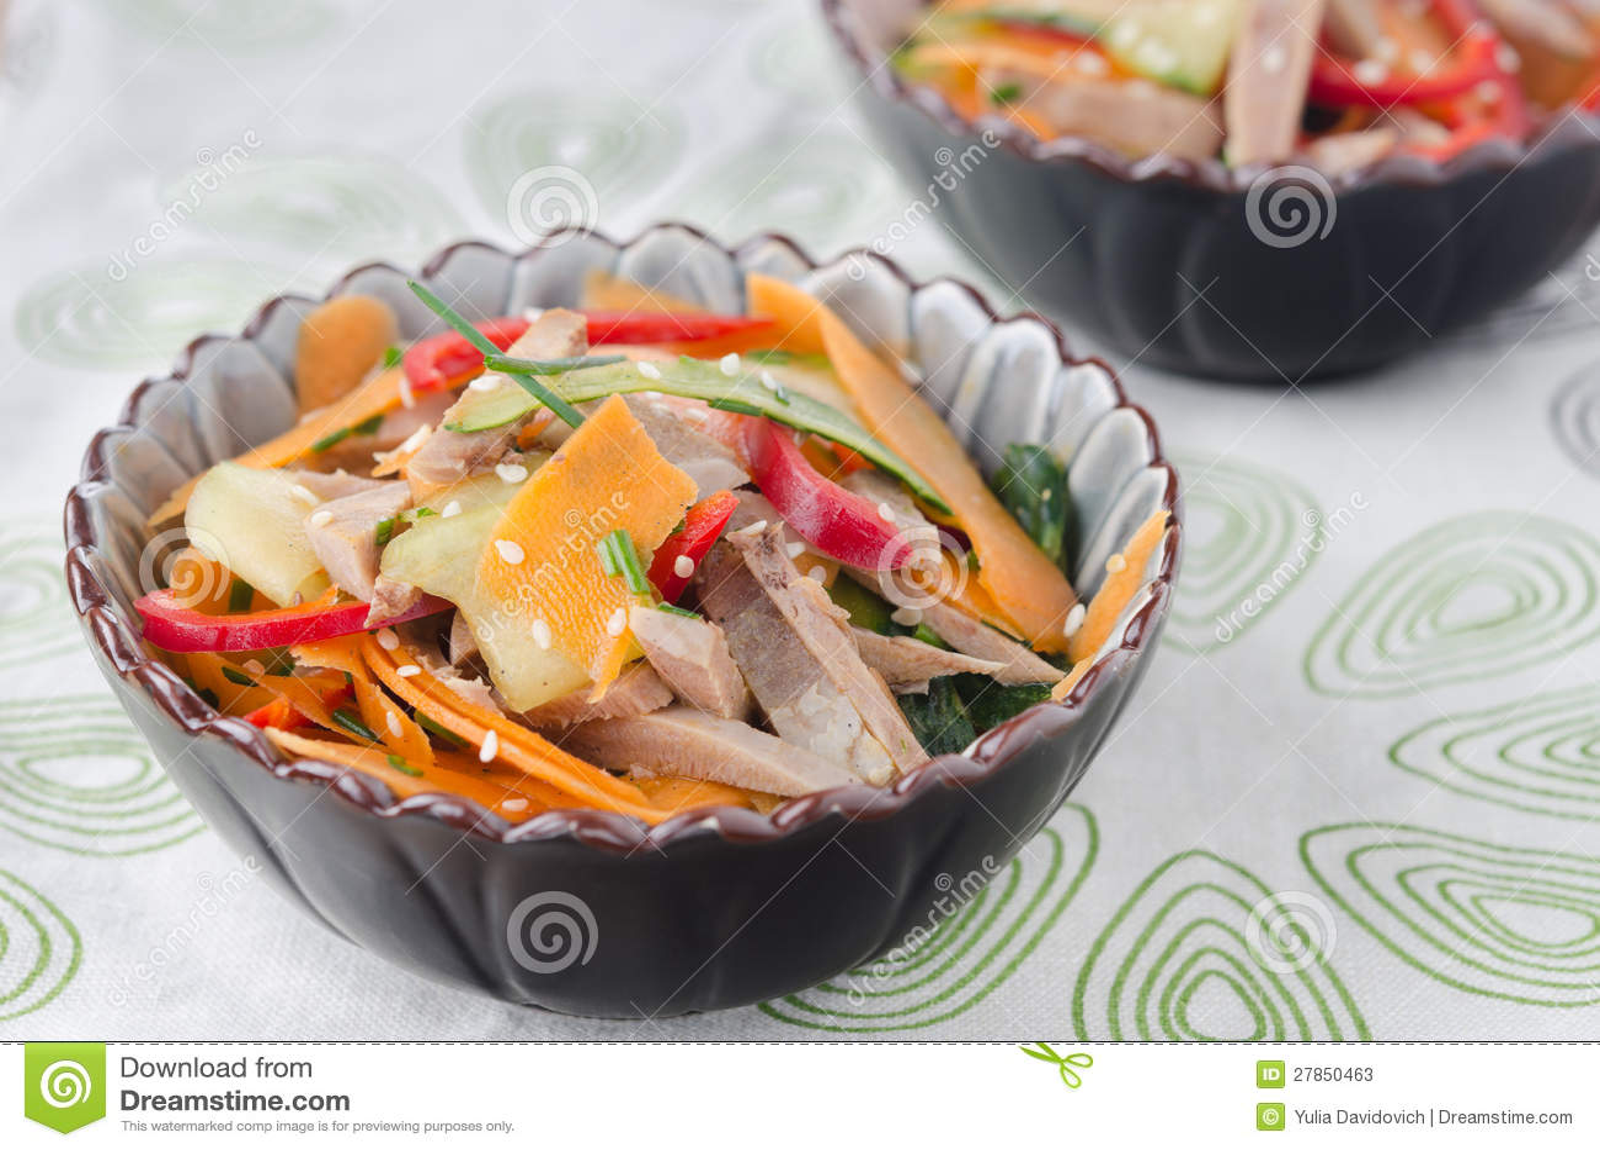 Sałatka z pieprzami, ogórek, wołowina jęzor